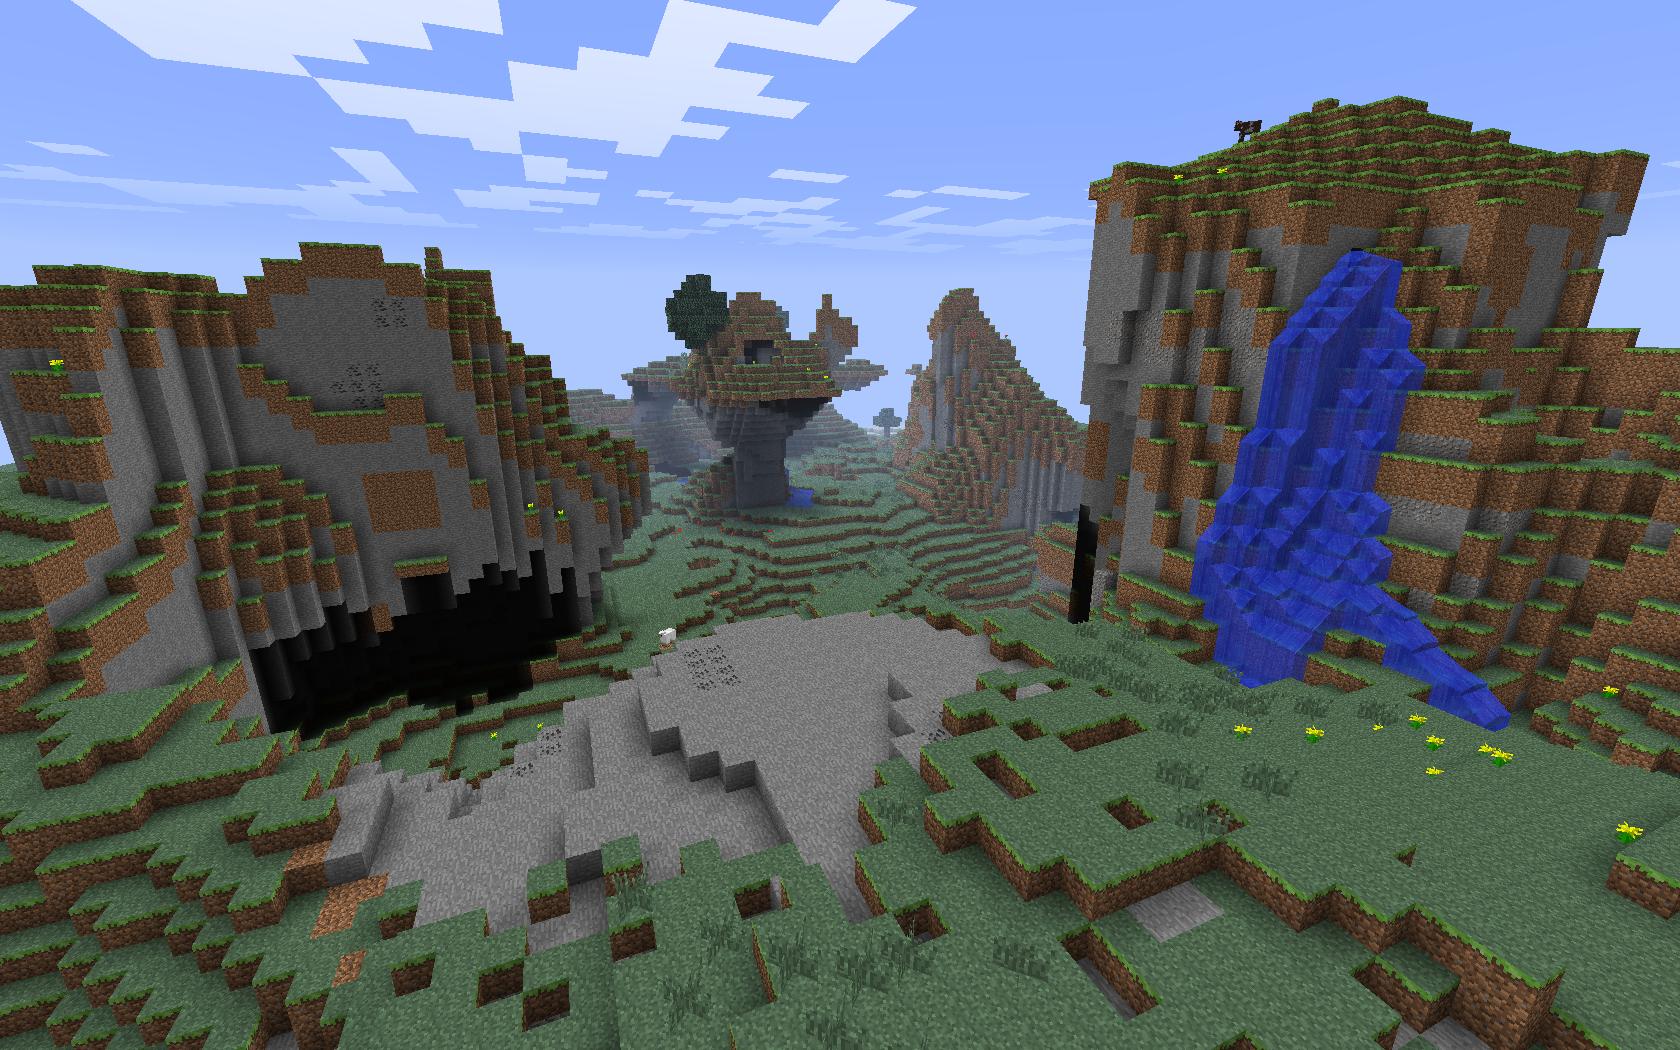 Overworld | Minecraft Wiki | FANDOM powered by Wikia